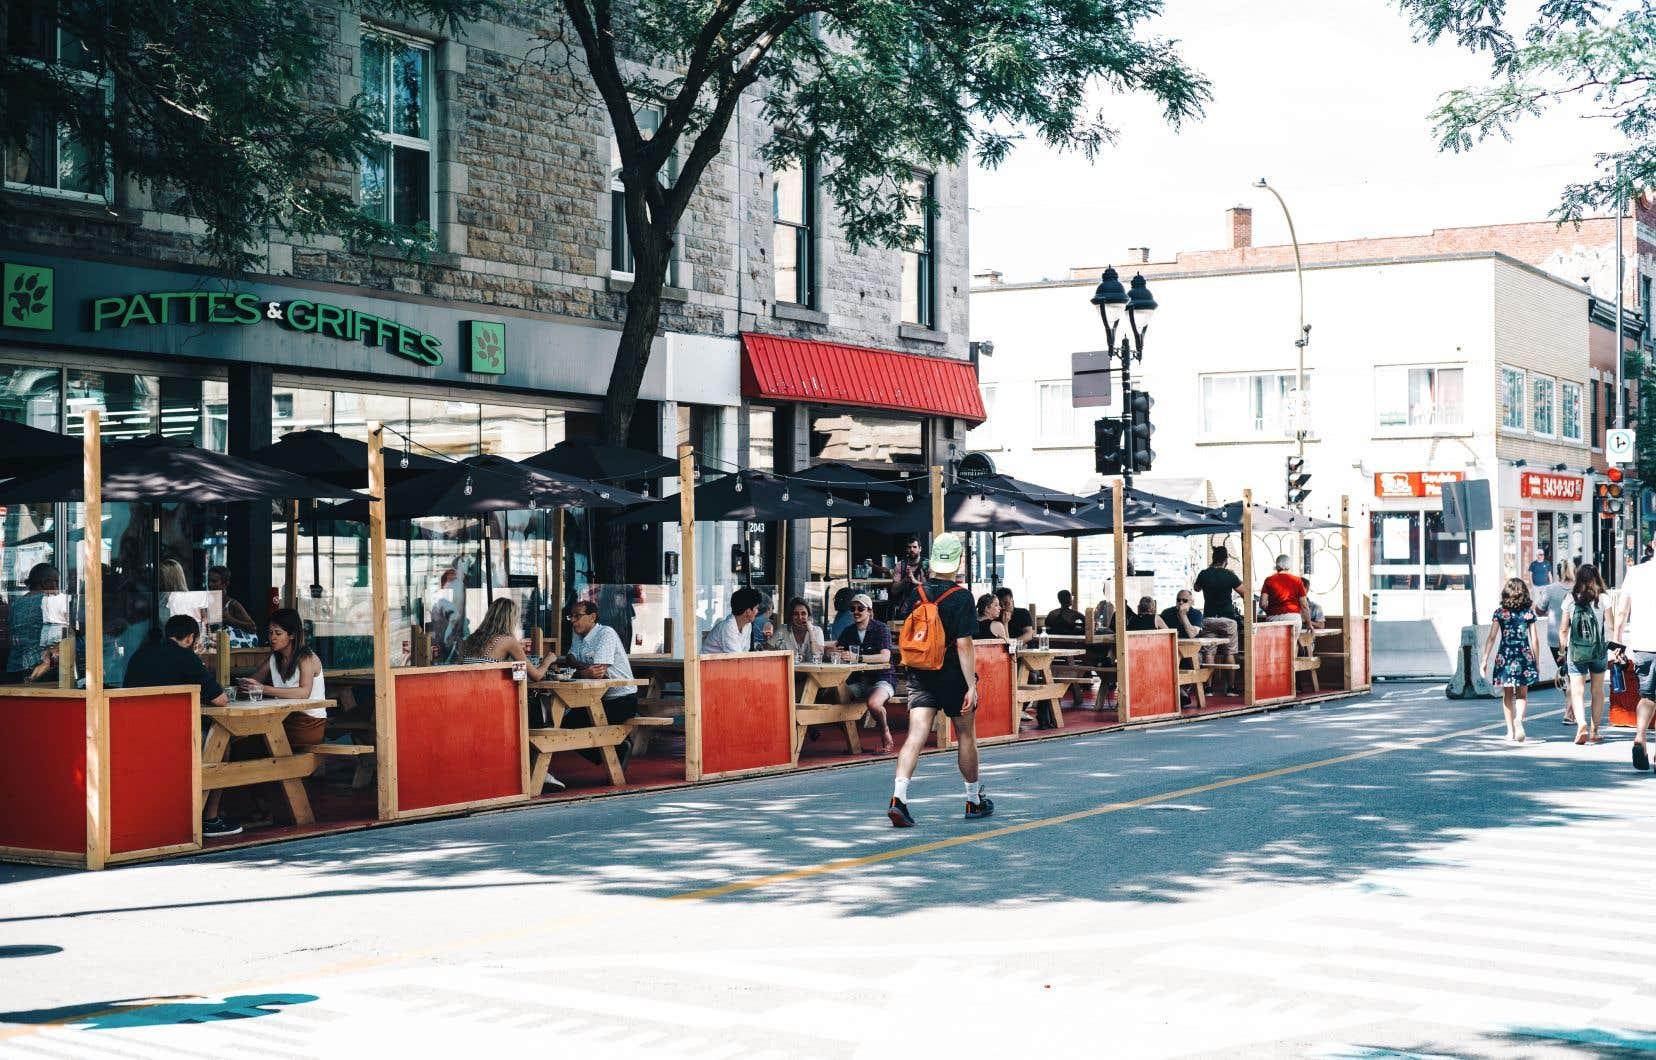 Au cours de la première semaine de juillet, 15000 piétons ont déambulé en moyenne chaque jour sur l'avenue du Mont-Royal, dans le Plateau-Mont-Royal, selon les données récoltées par la firme Éco-Compteur.